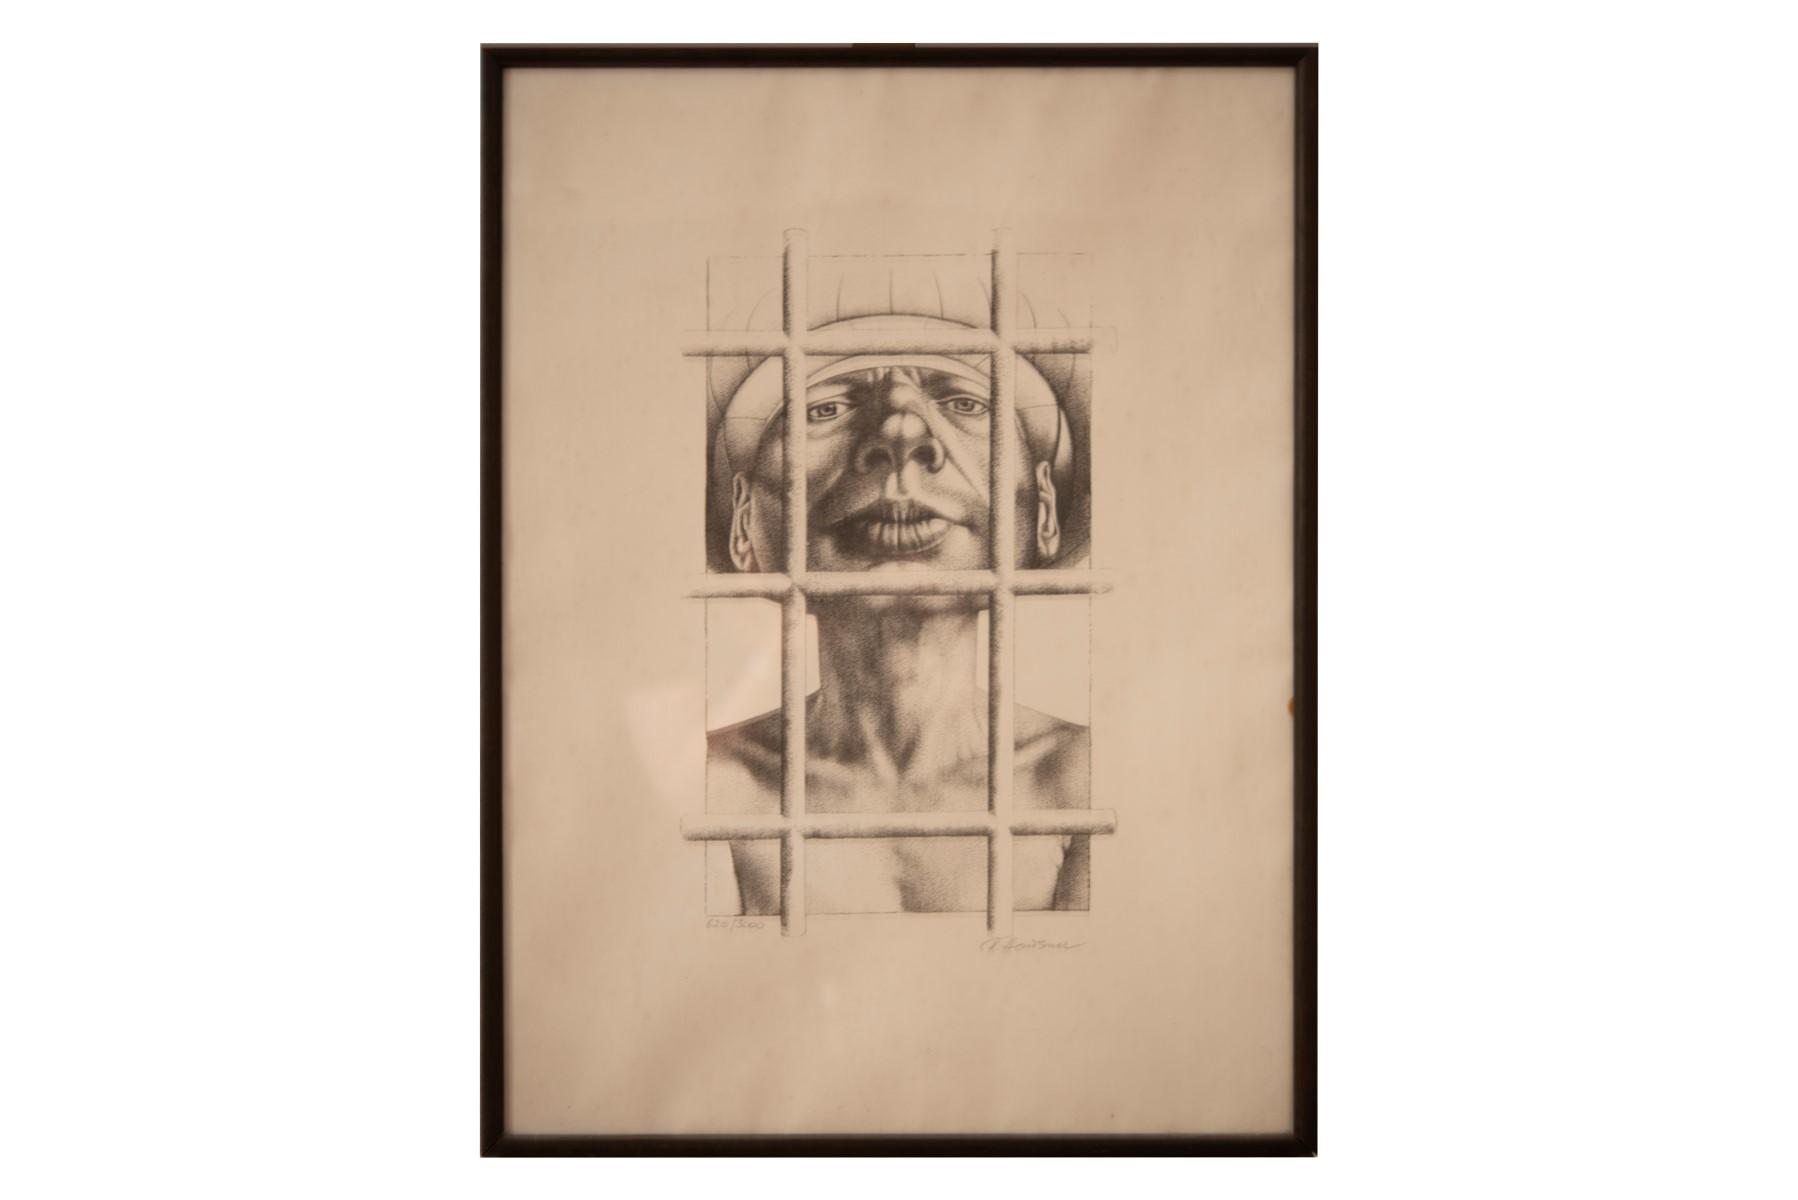 #98 Rudolf Hausner* (1914-1995), Adam | Rudolf Hausner* (1914-1995), Adam Image